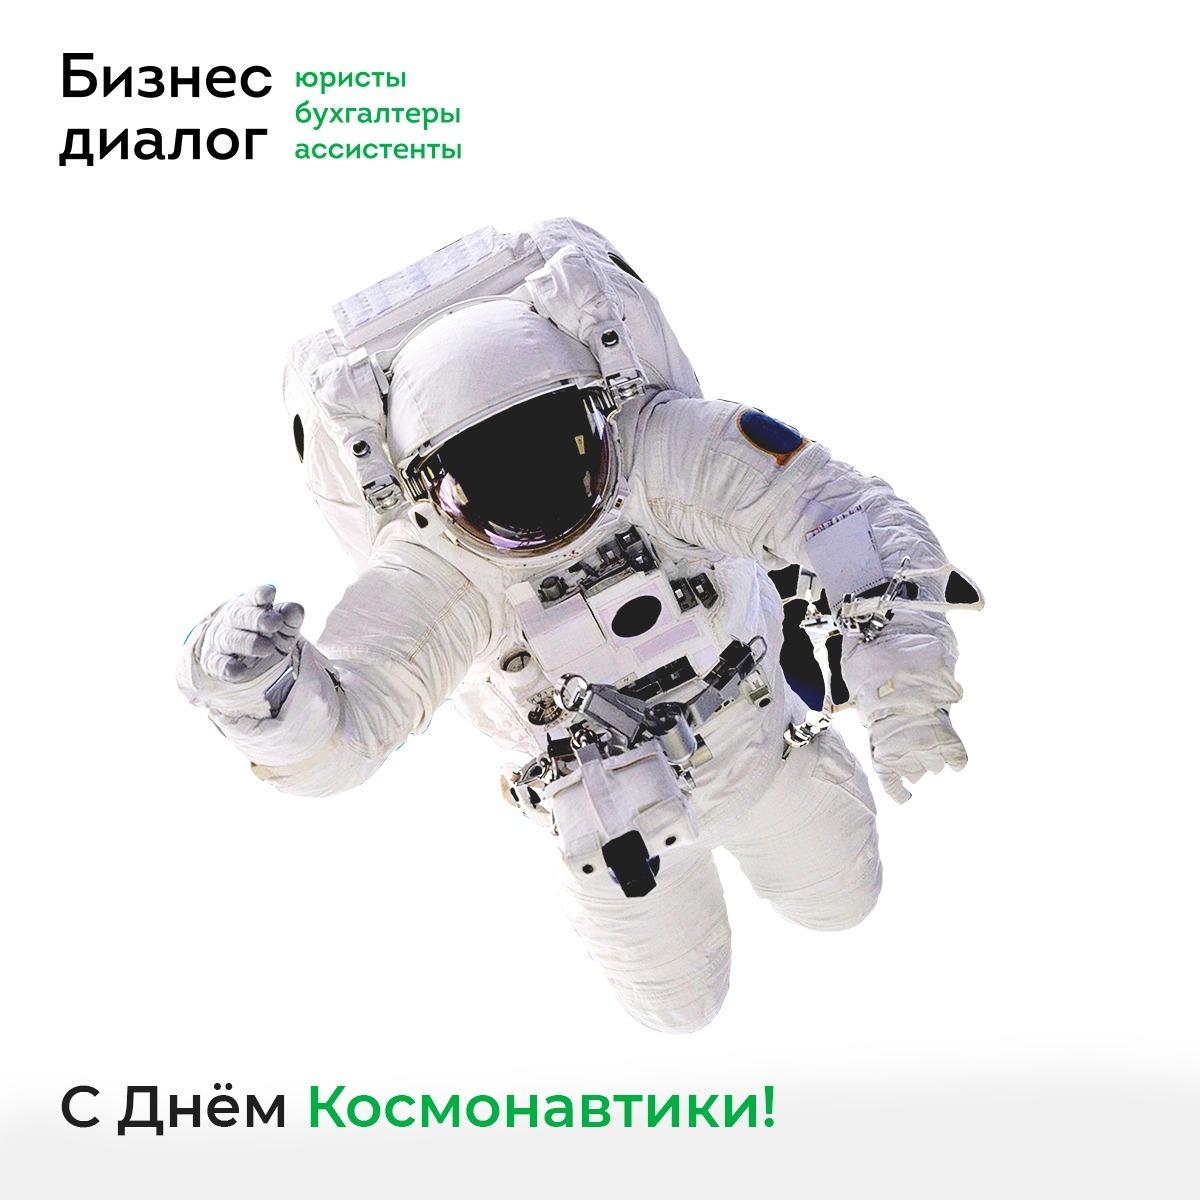 С днем космонавтики.Бизнес Диалог. ubk-bd.ru